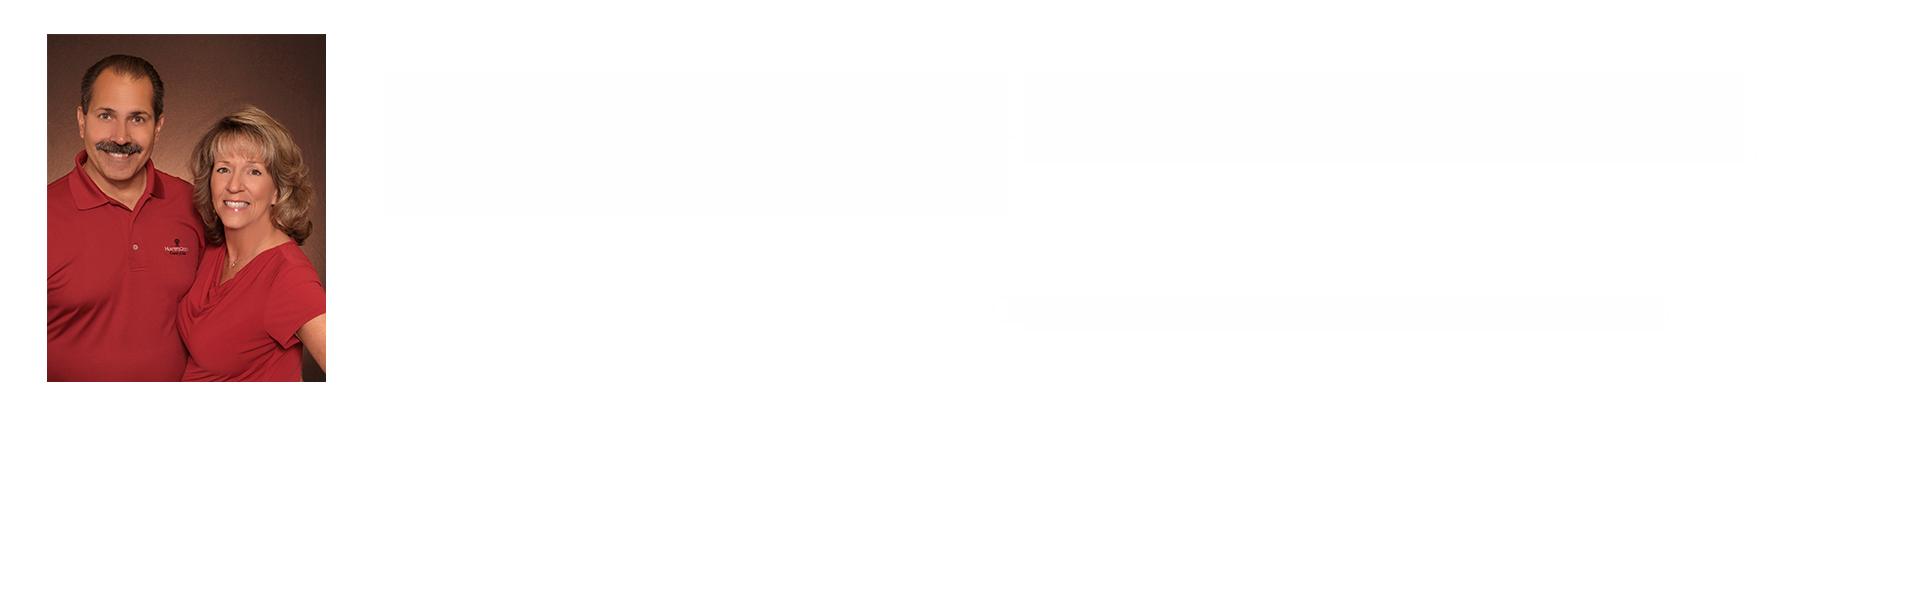 Gail_testimonial.png